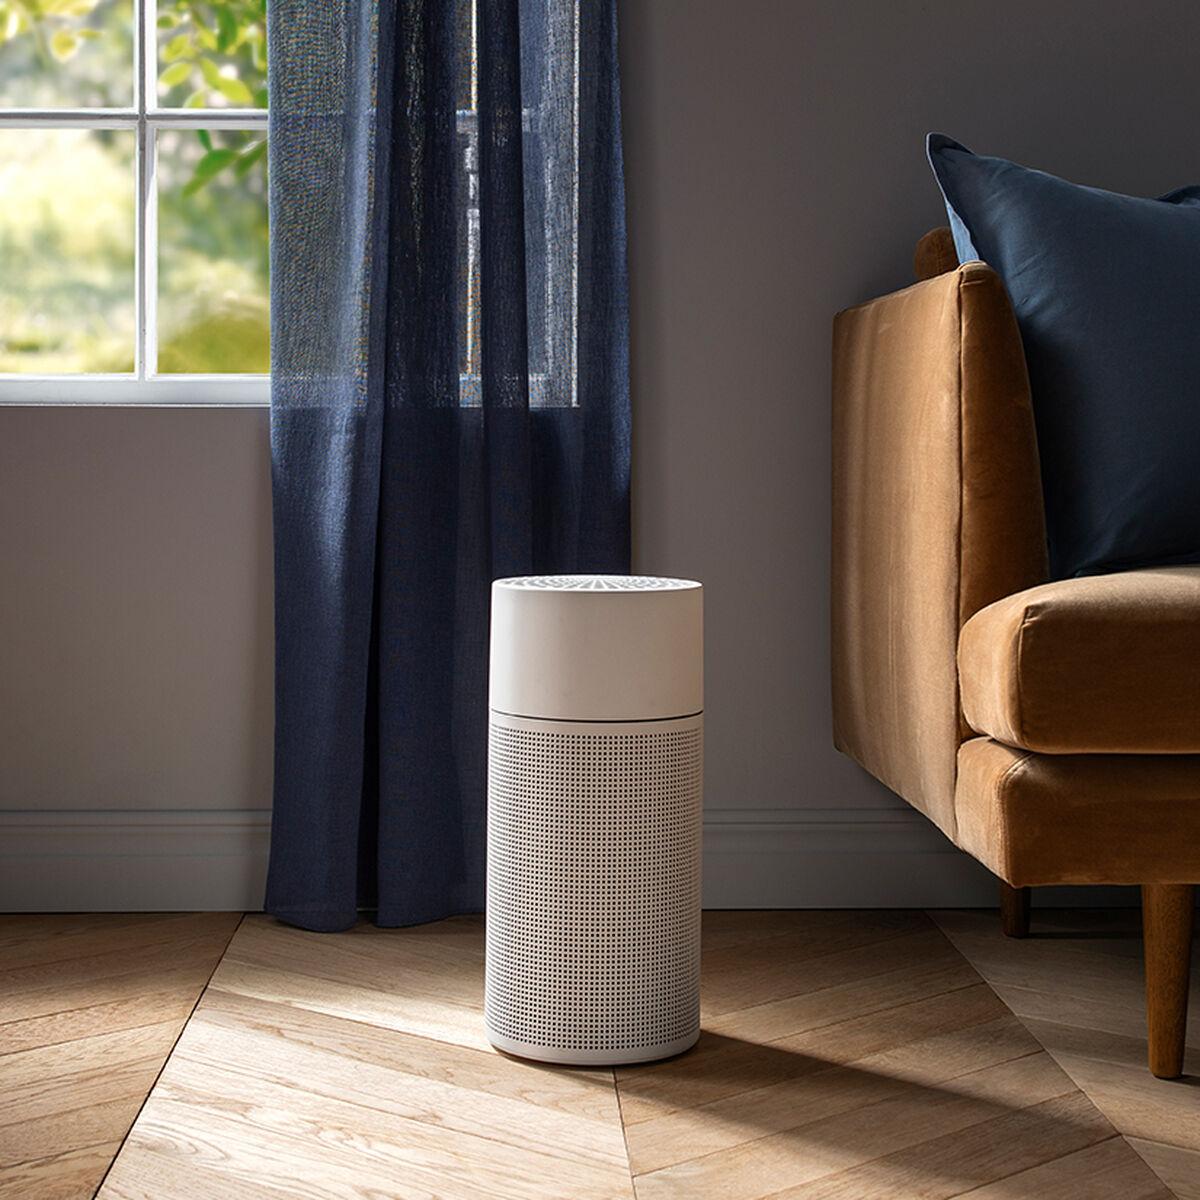 Blue Pure Joy S | Air purifier for up to 15 m² | Blueair | Blueair